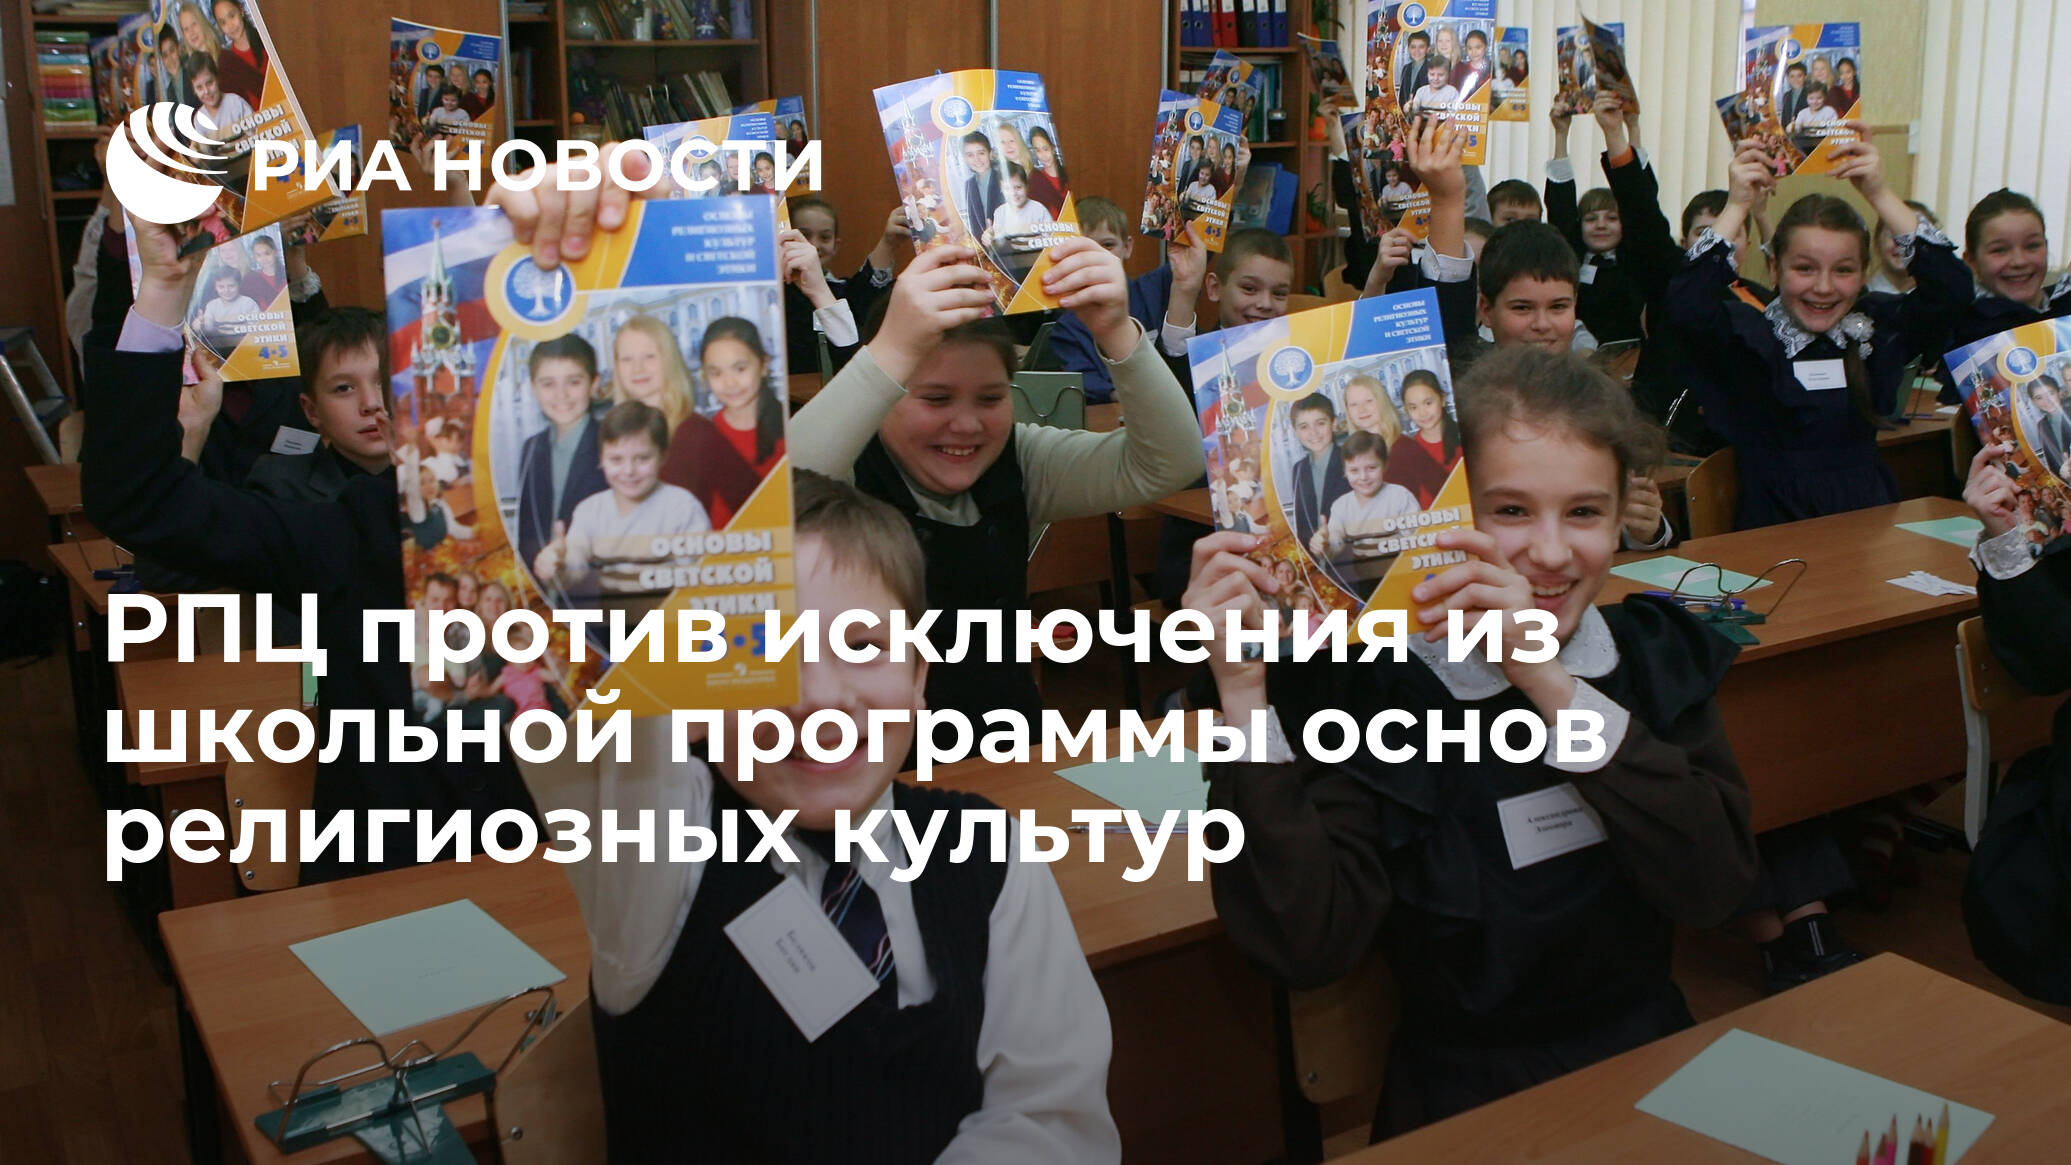 РПЦ против исключения из школьной программы основ религиозных культур